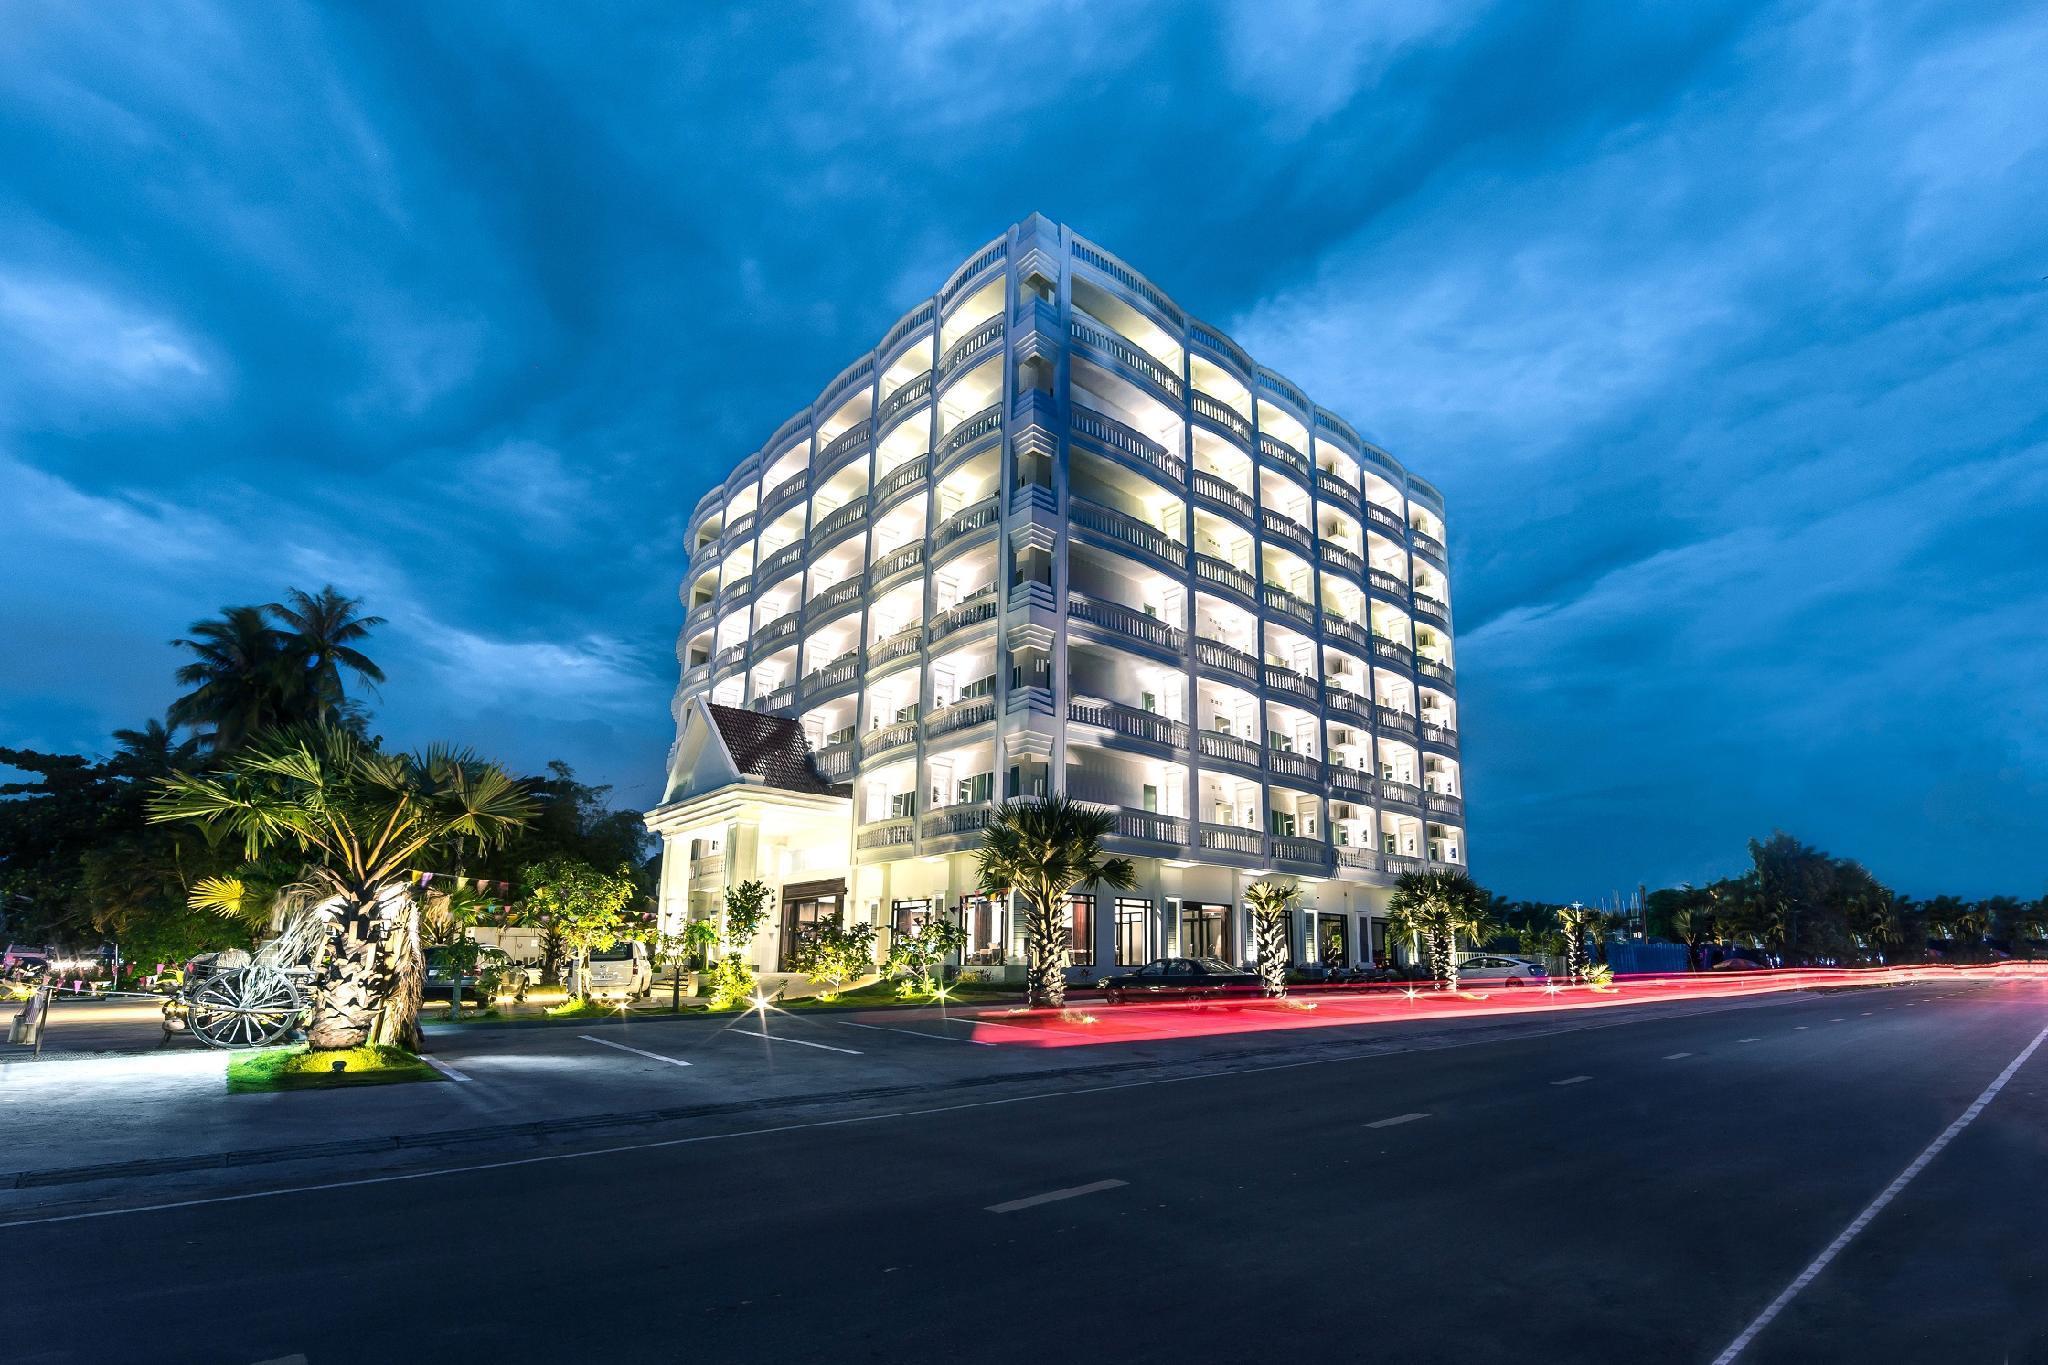 The Palm Bay Resort